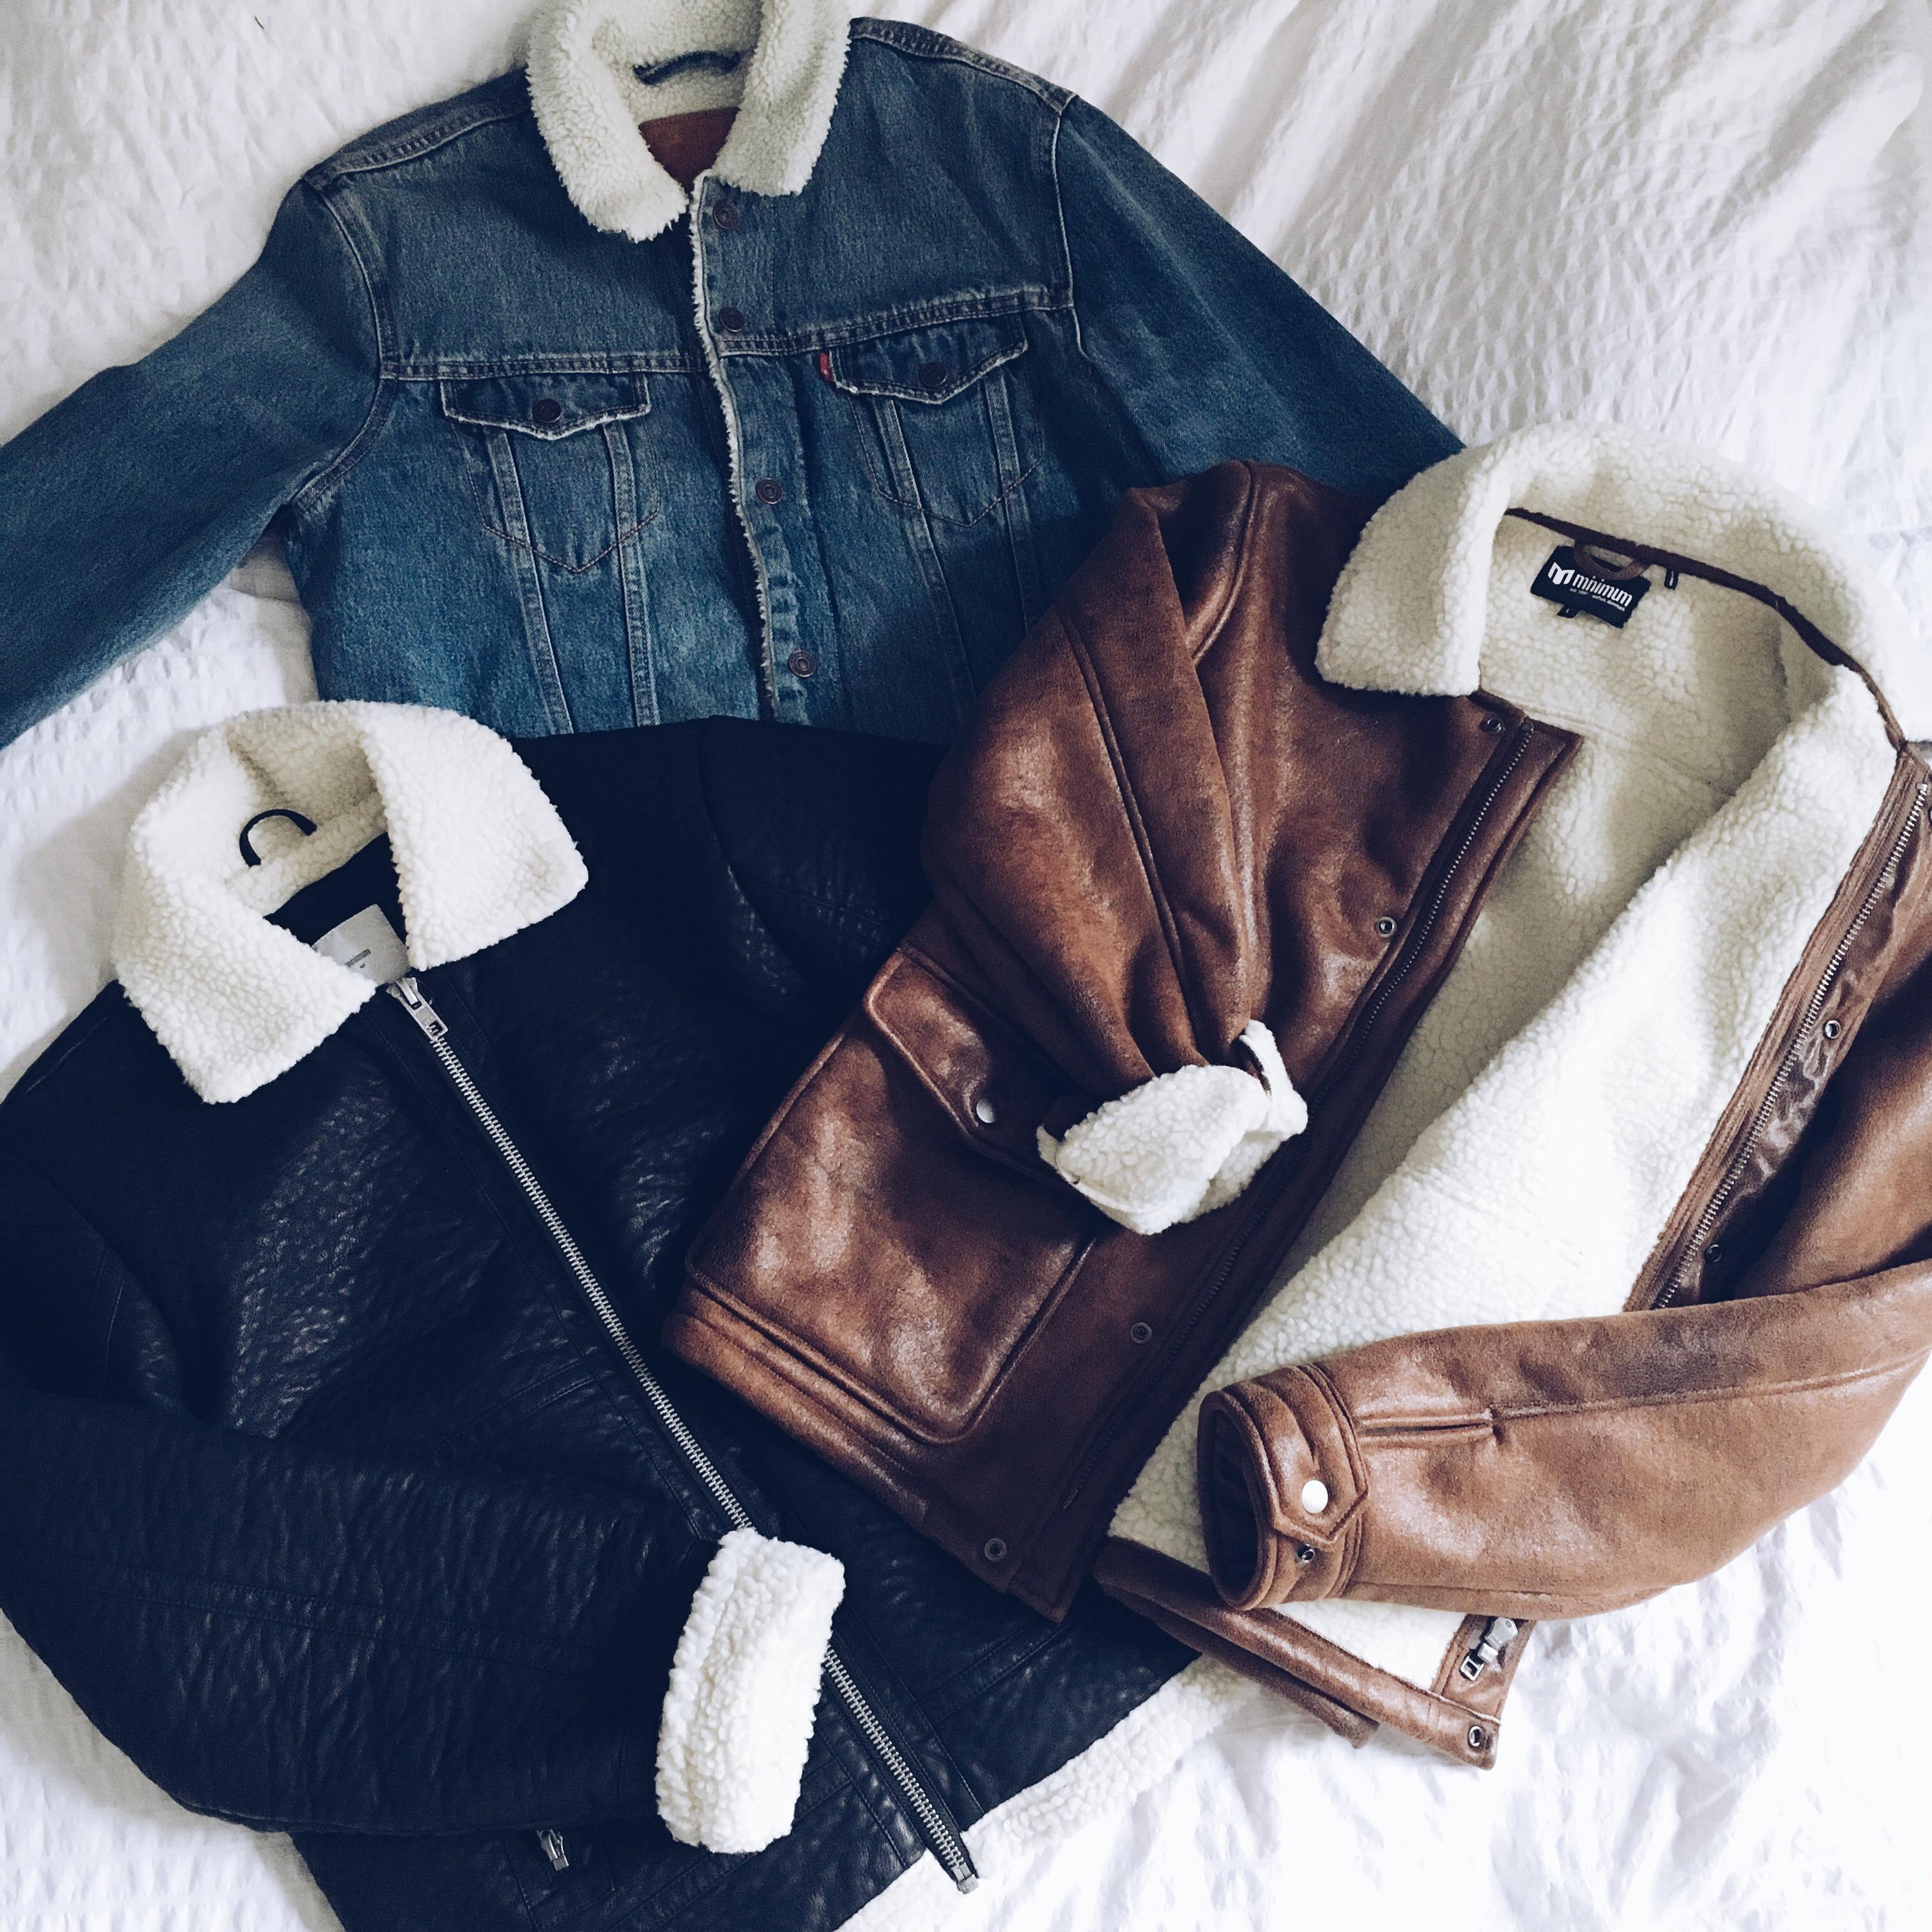 Jeansjacke von Levi's, braune und schwarze Lederjacke von MINIMUM